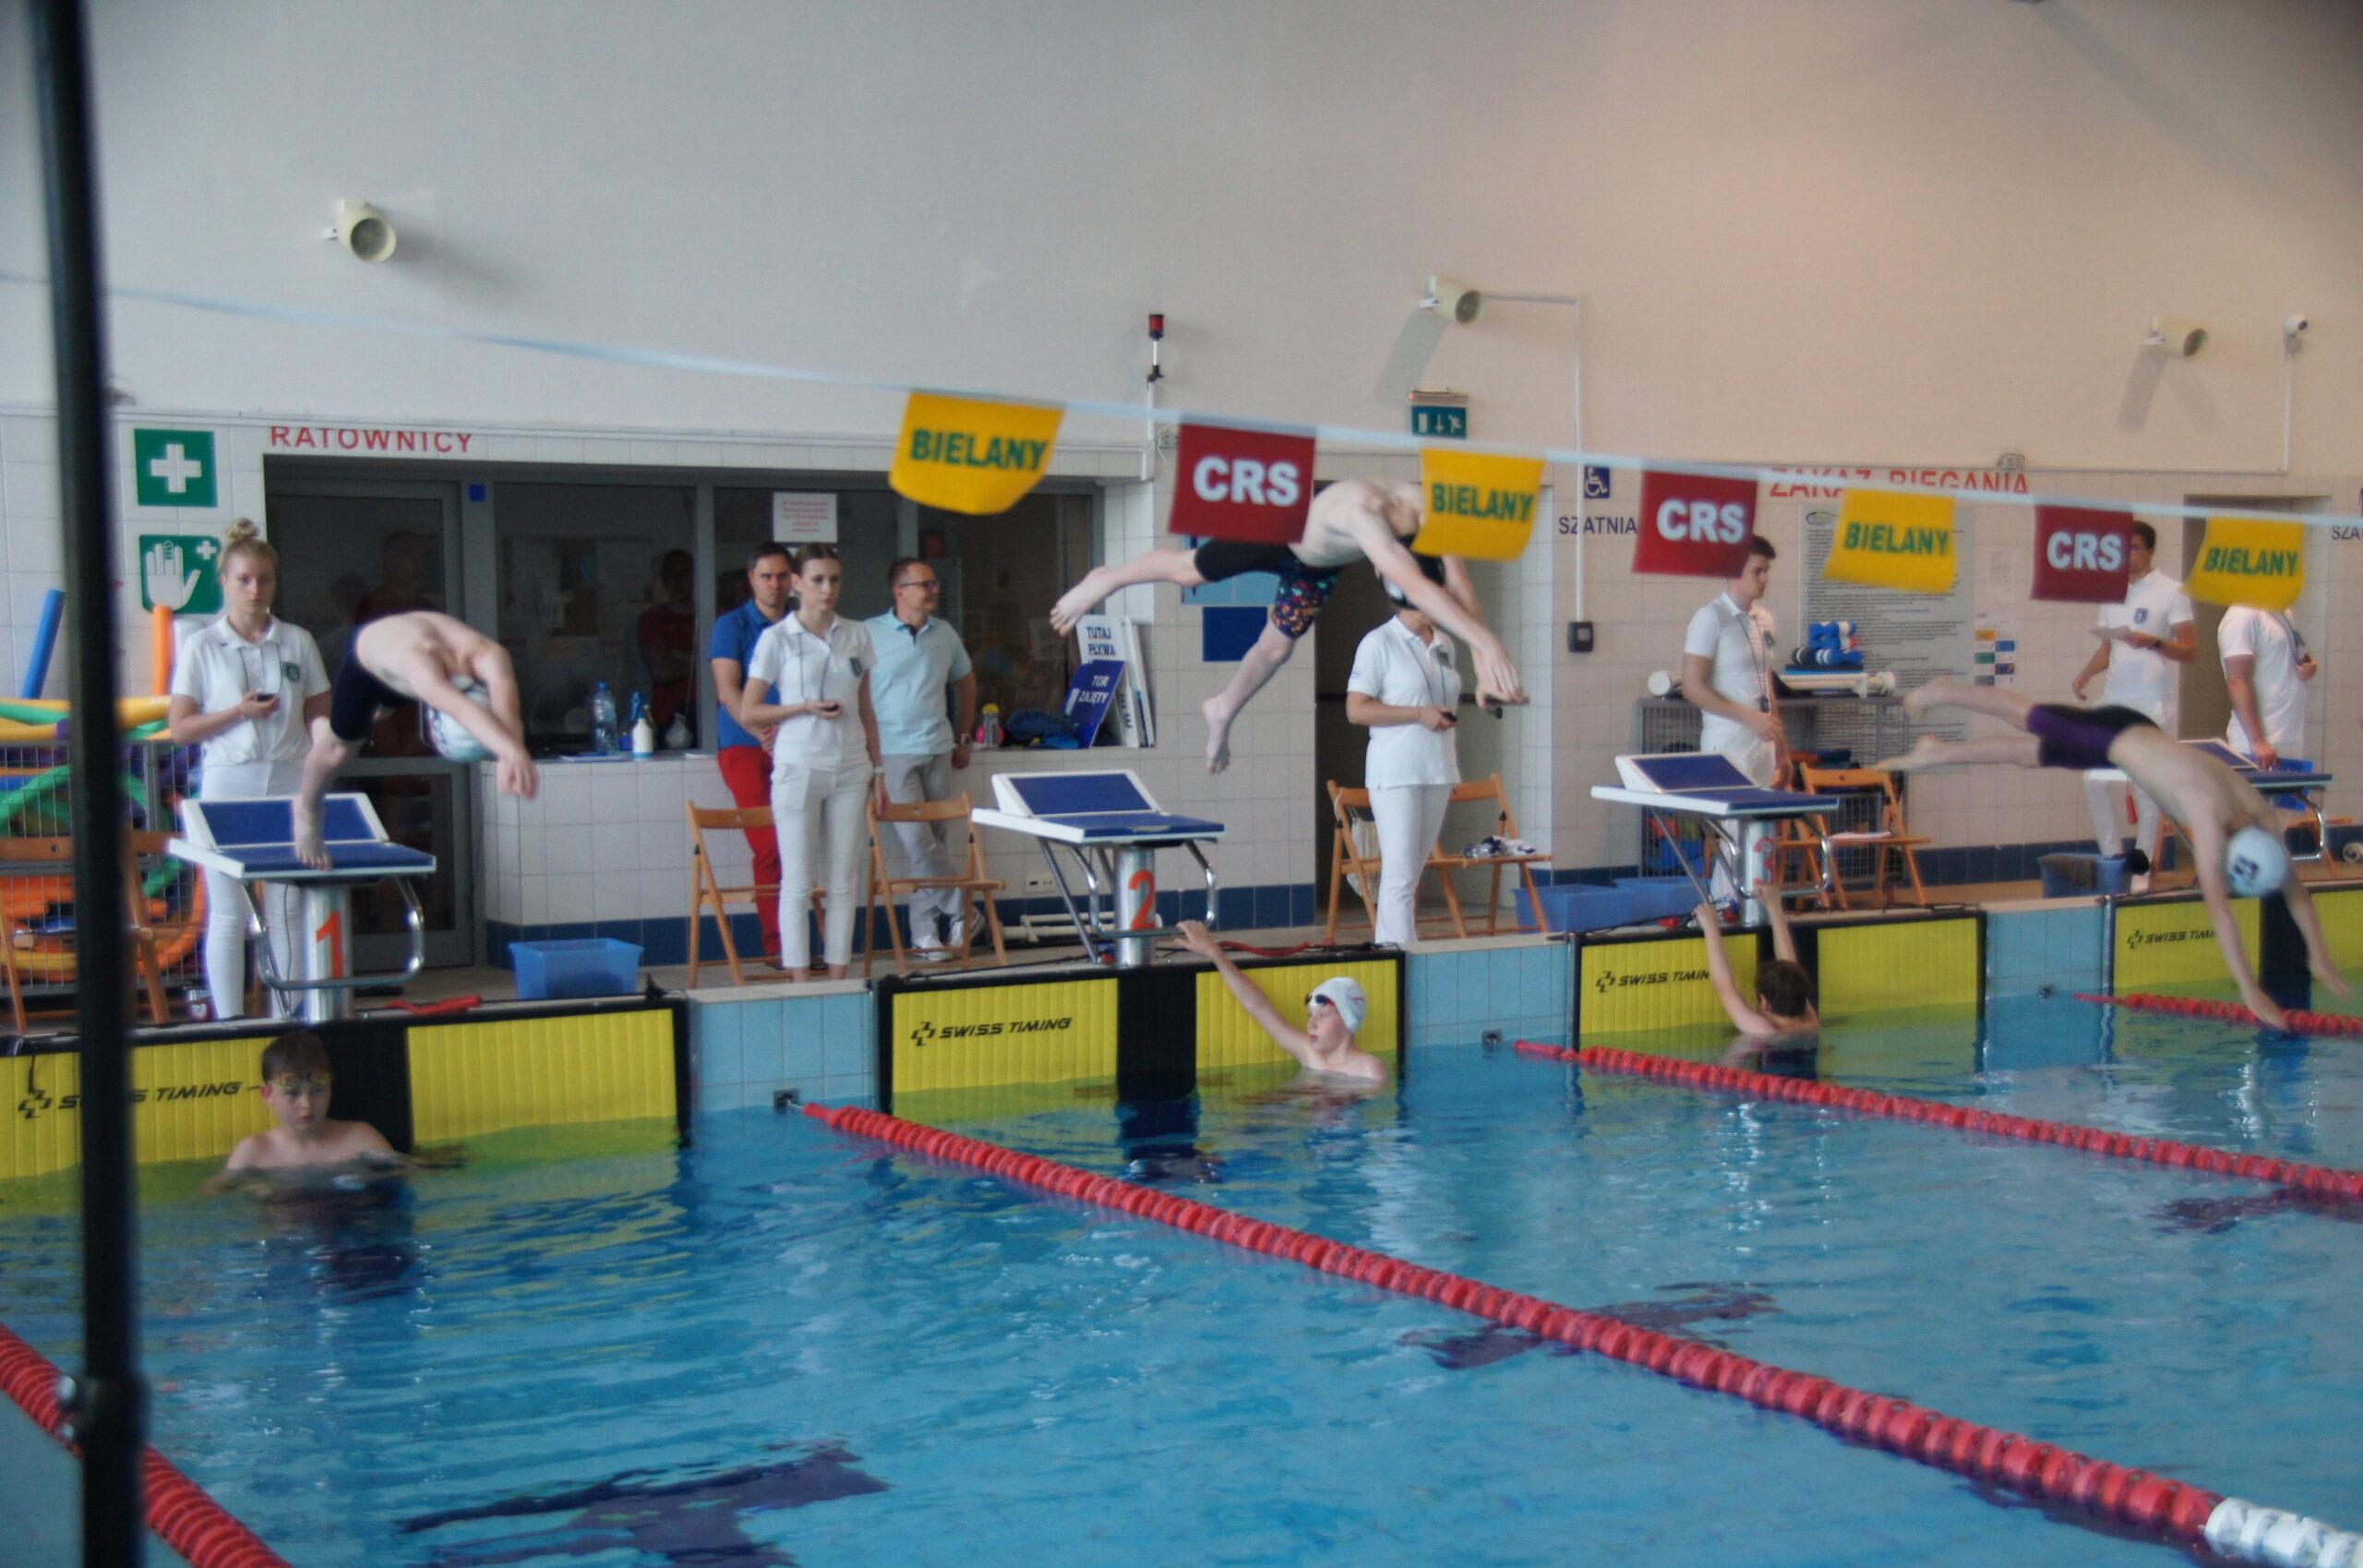 Pływalnia CRS Bielany, widać startujących zawodników, trenerów oraz burmistrzów dzielnicy